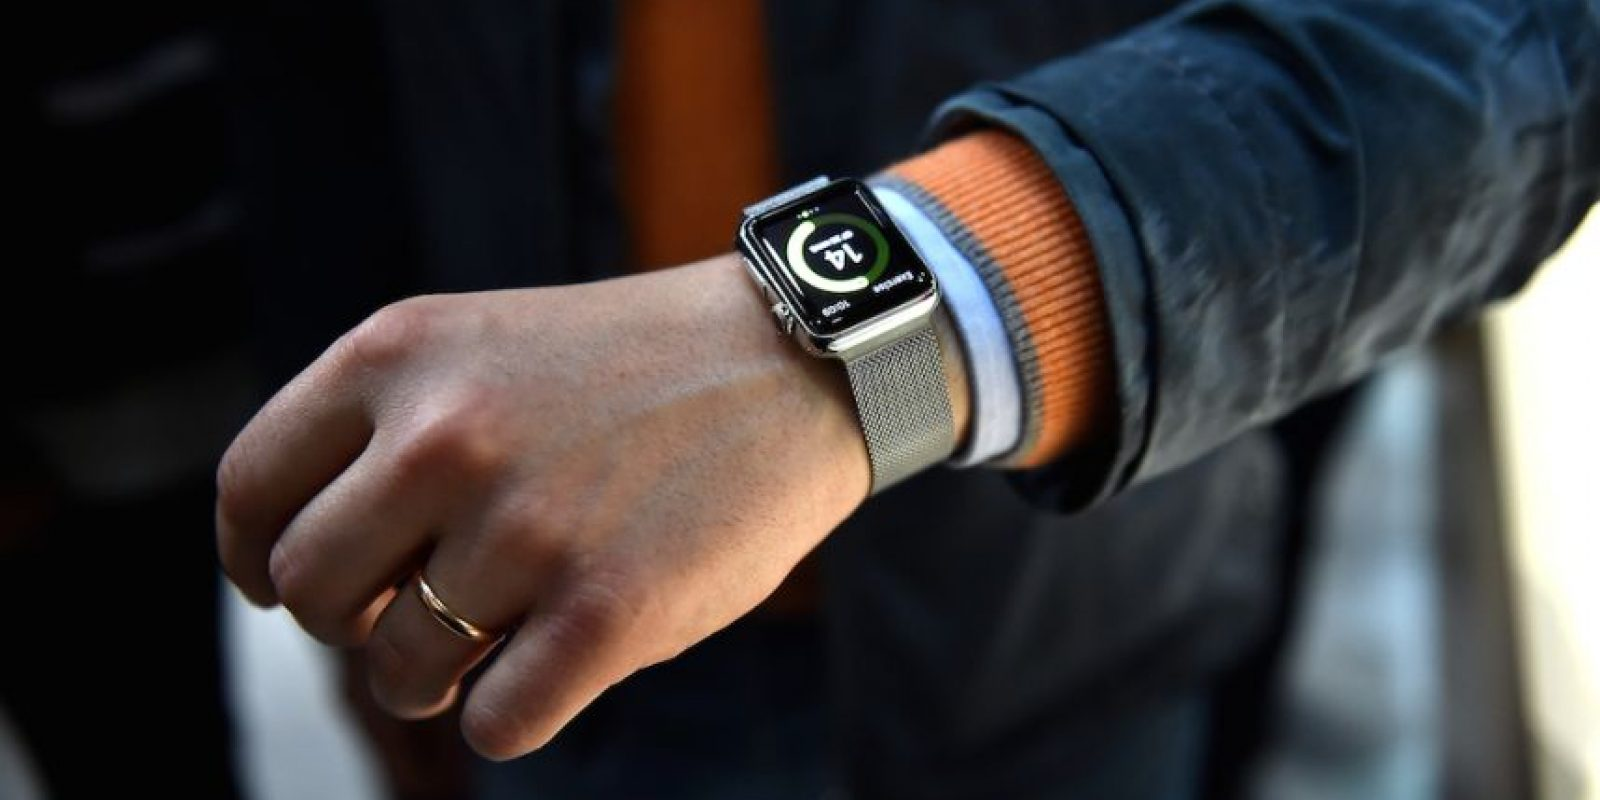 EL reloj ha tenido problemas de producción. Foto:Getty Images